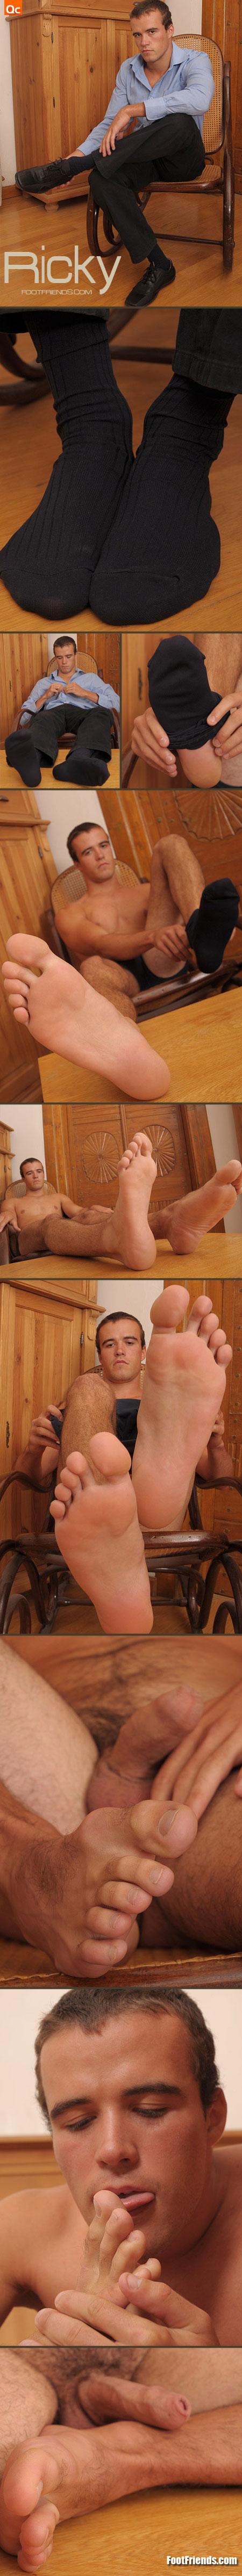 footfriends ricky